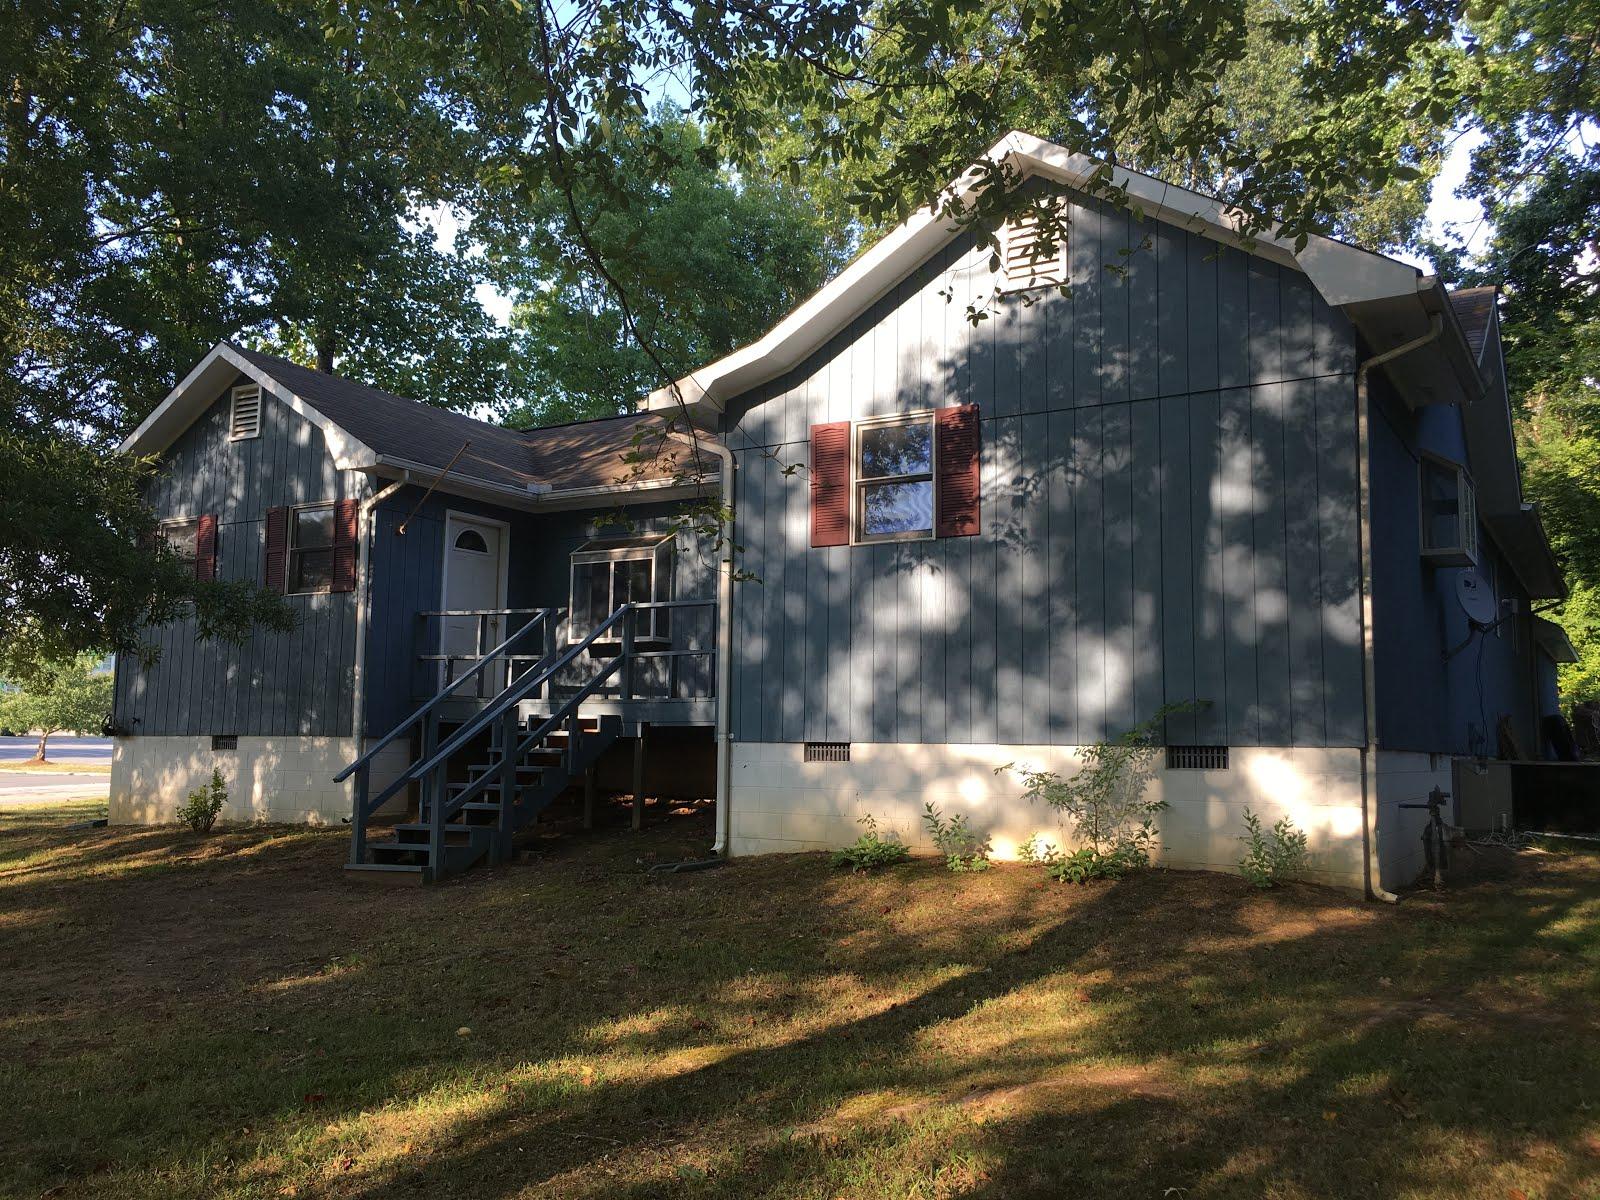 504 W. Newton Street, Spencer NC 28159 ~ $124,900